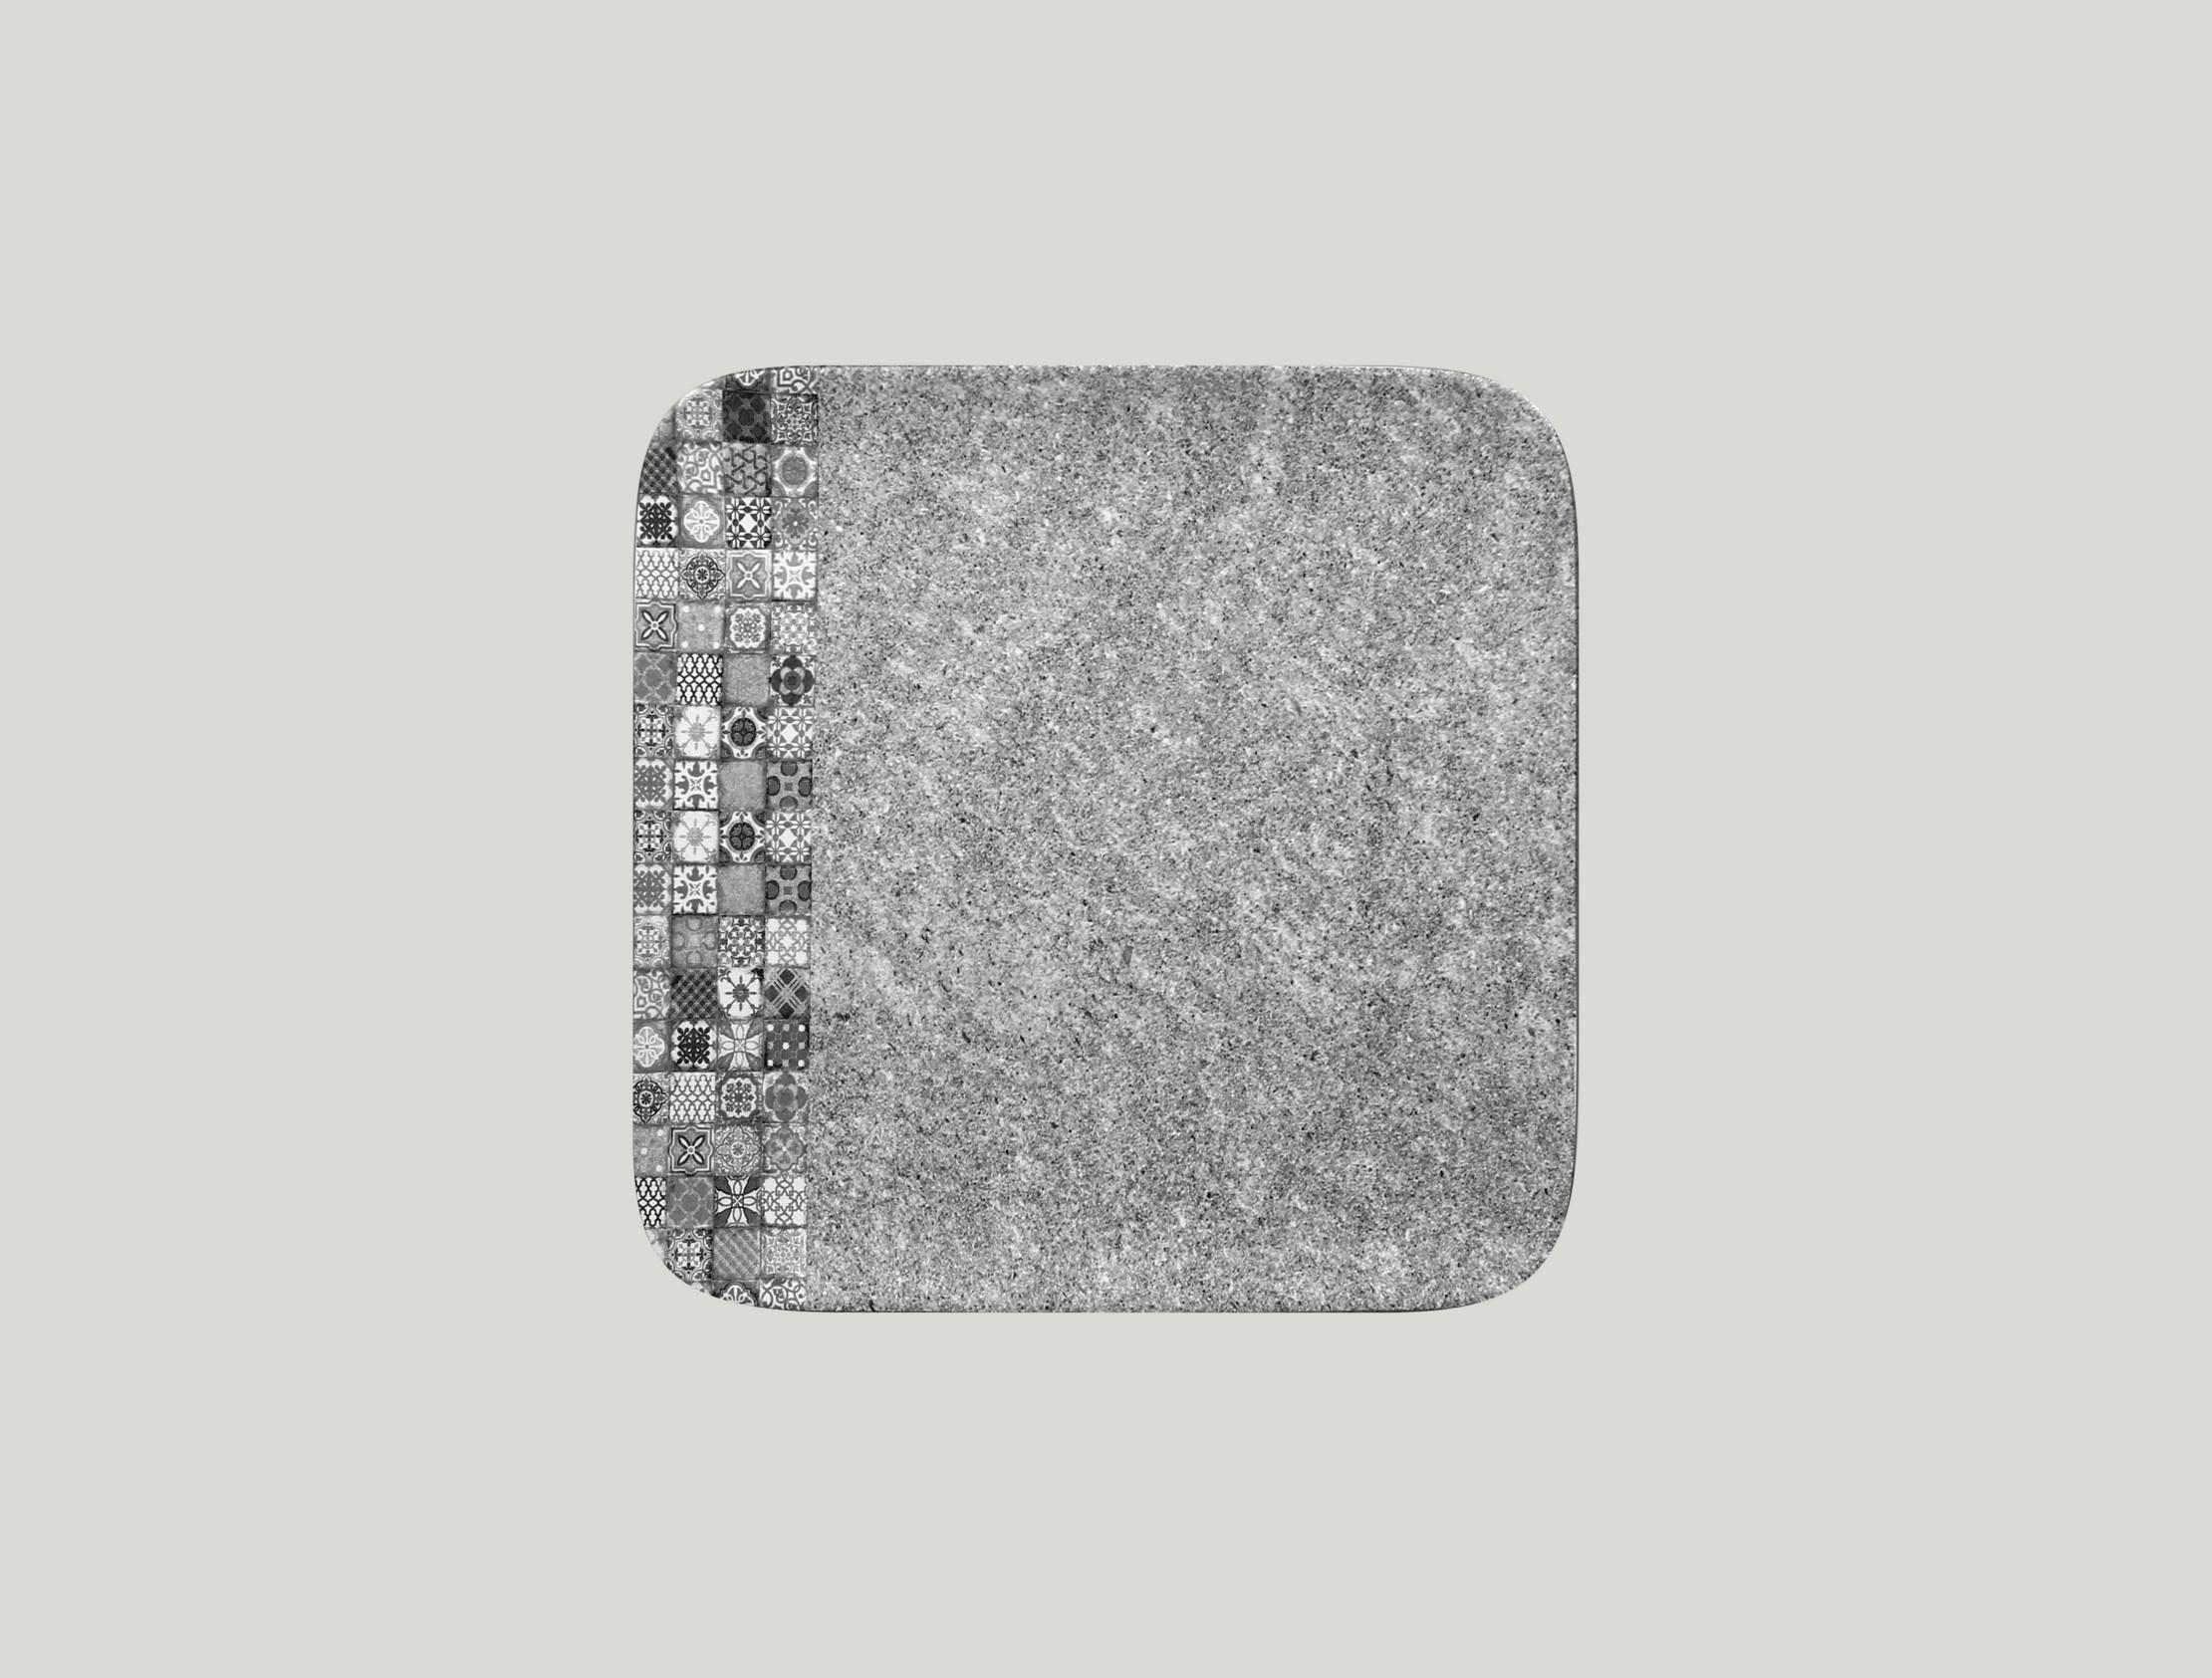 Talíř čtvercový 24 x 24 cm - šedá